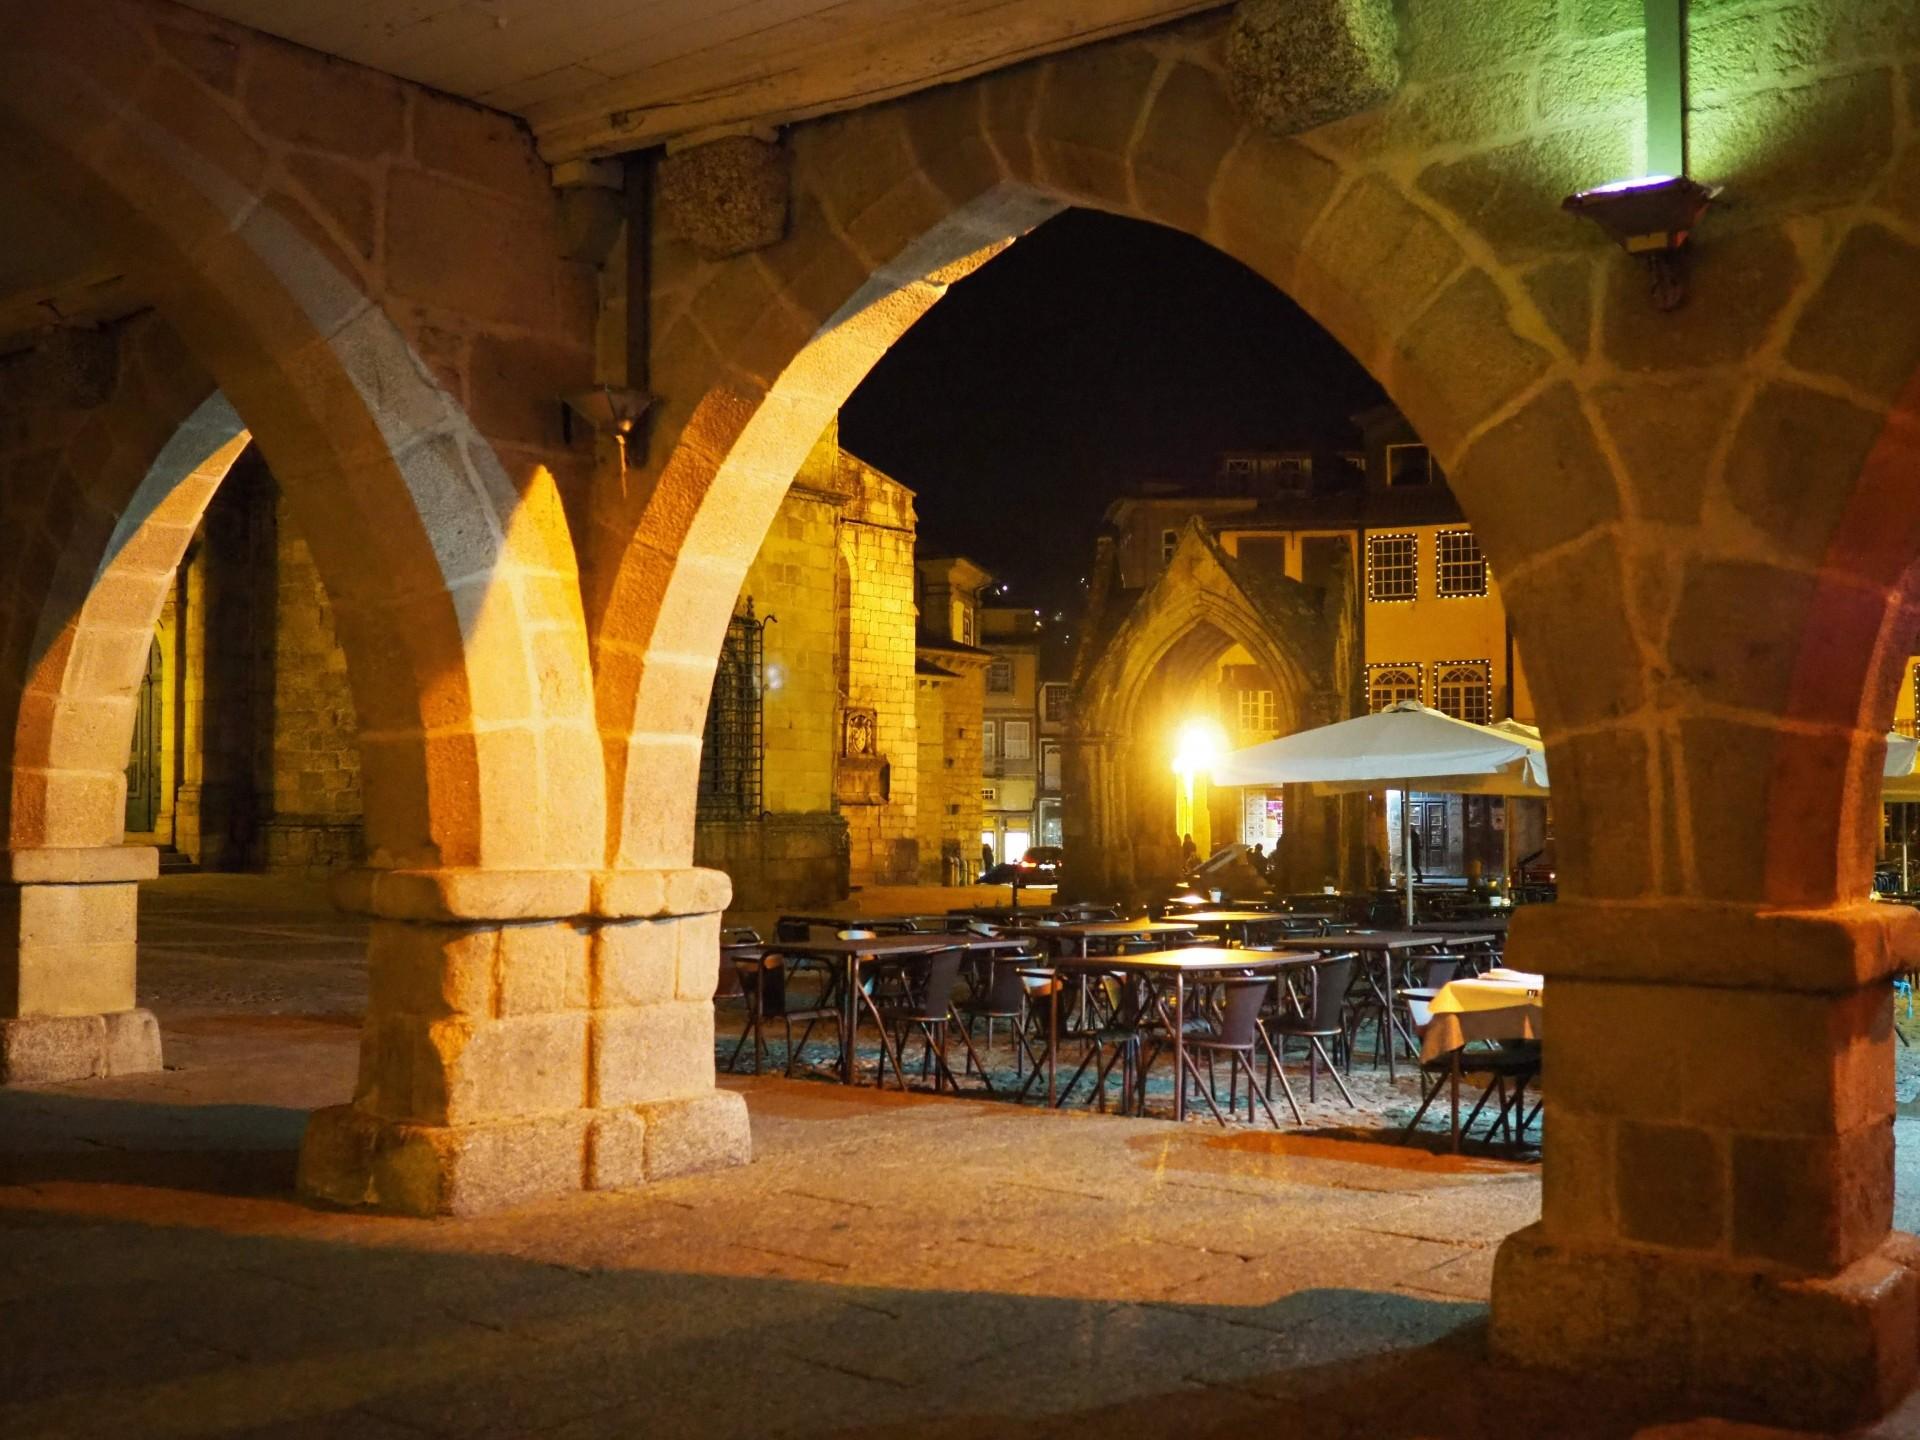 プラサ・デ・サンティアーゴは、ギマラインズの旧市街にあるこの広場のことです。